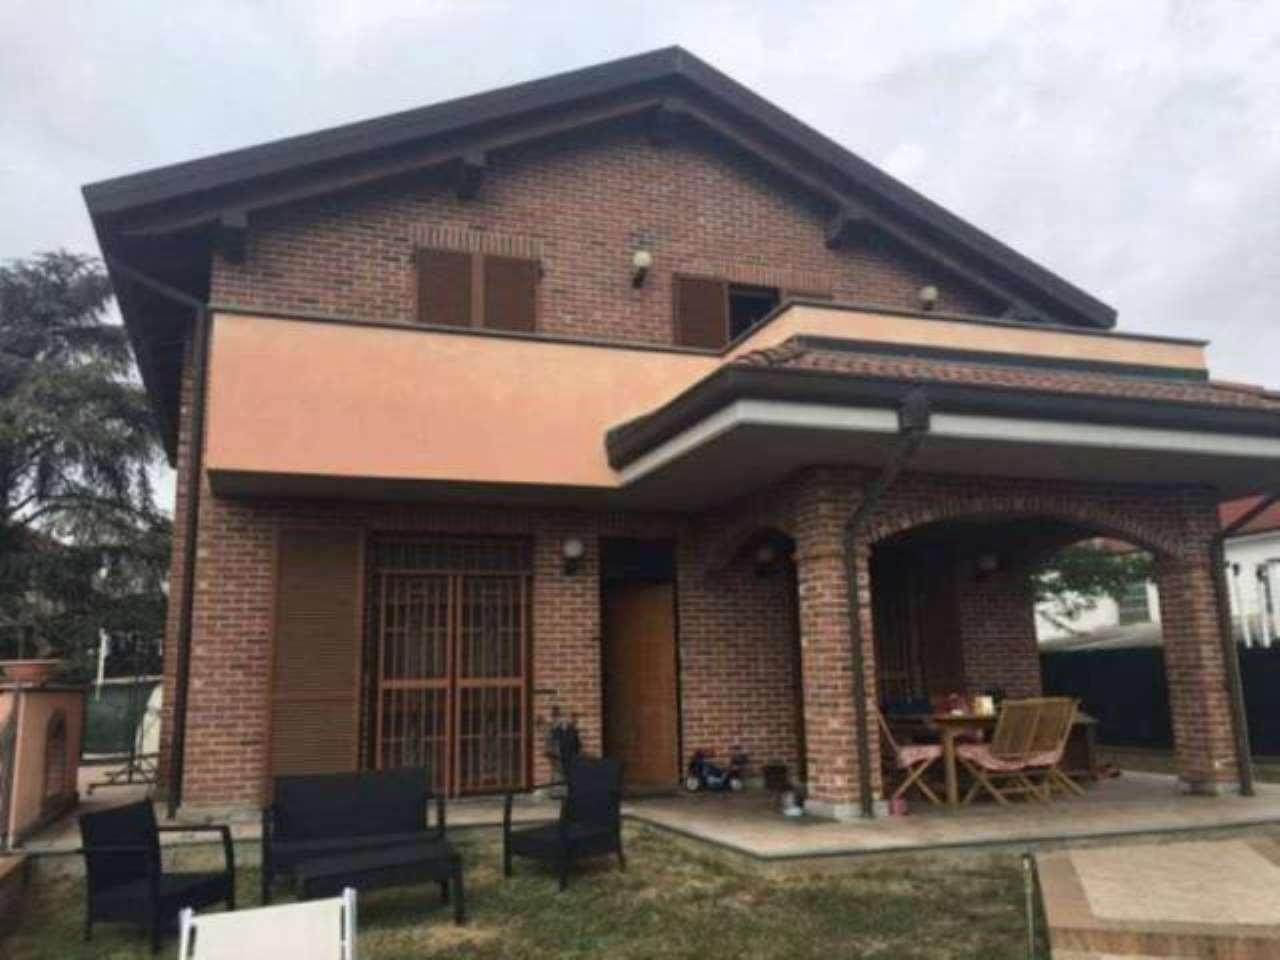 Soluzione Indipendente in vendita a Alessandria, 5 locali, prezzo € 295.000 | CambioCasa.it